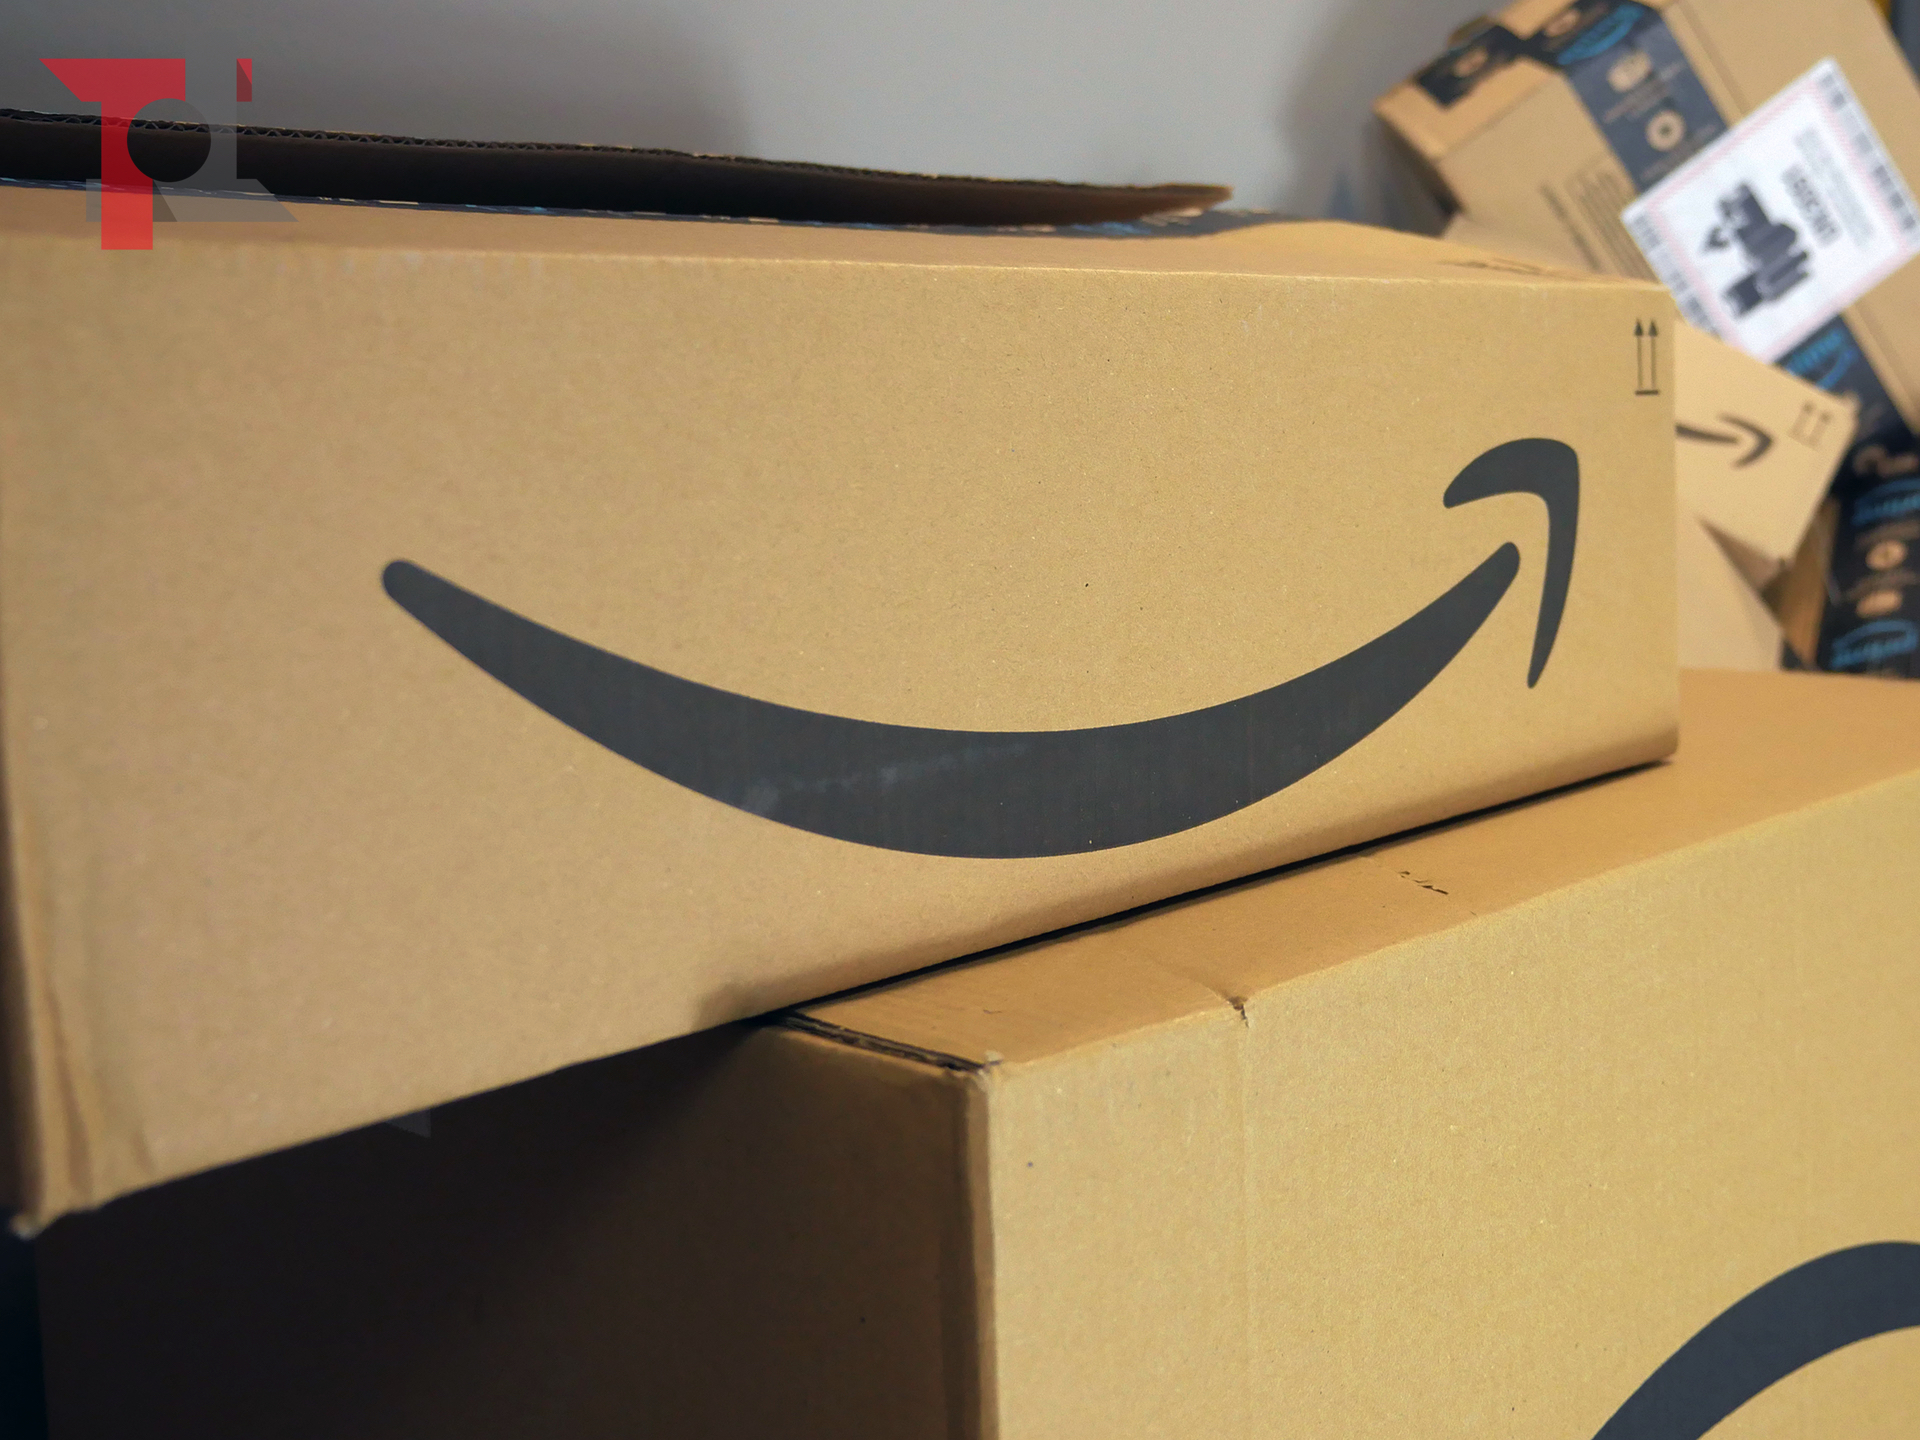 Coronavirus: Amazon Italia consegna solo beni necessari, spedizioni videogiochi in ritardo